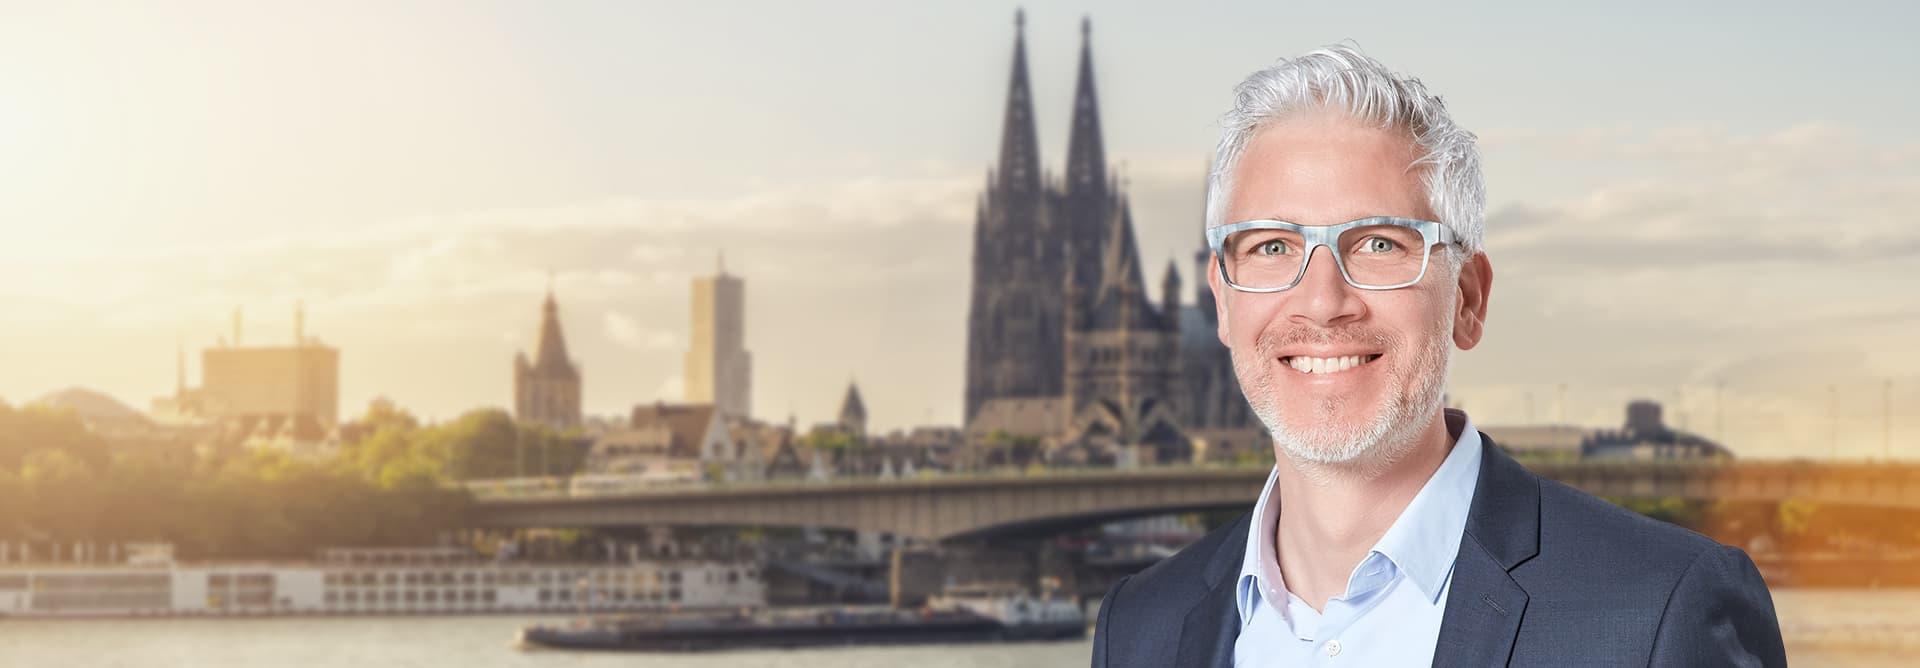 Immobilienmakler in Köln | Goost Immobilien - Ihr Immobilienexperte ...